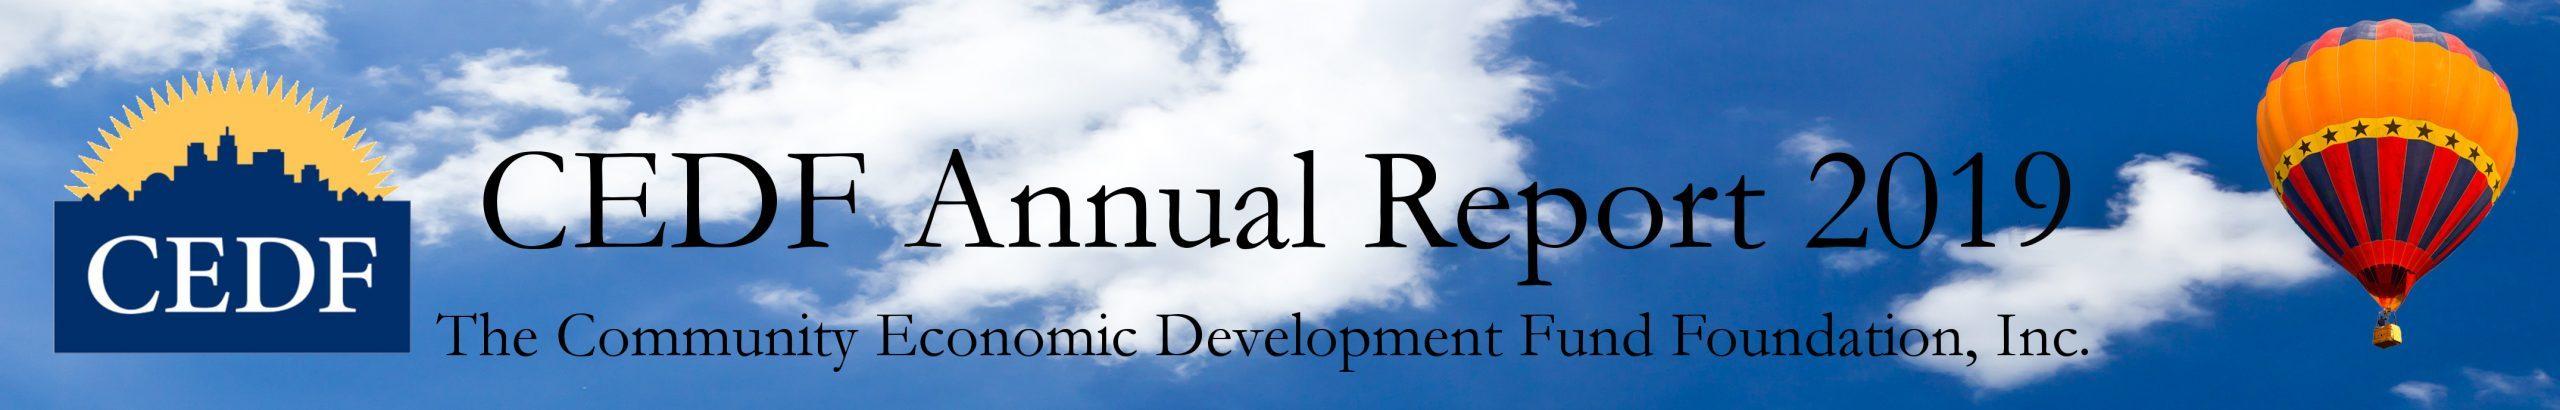 CEDF Foundation Annual Report